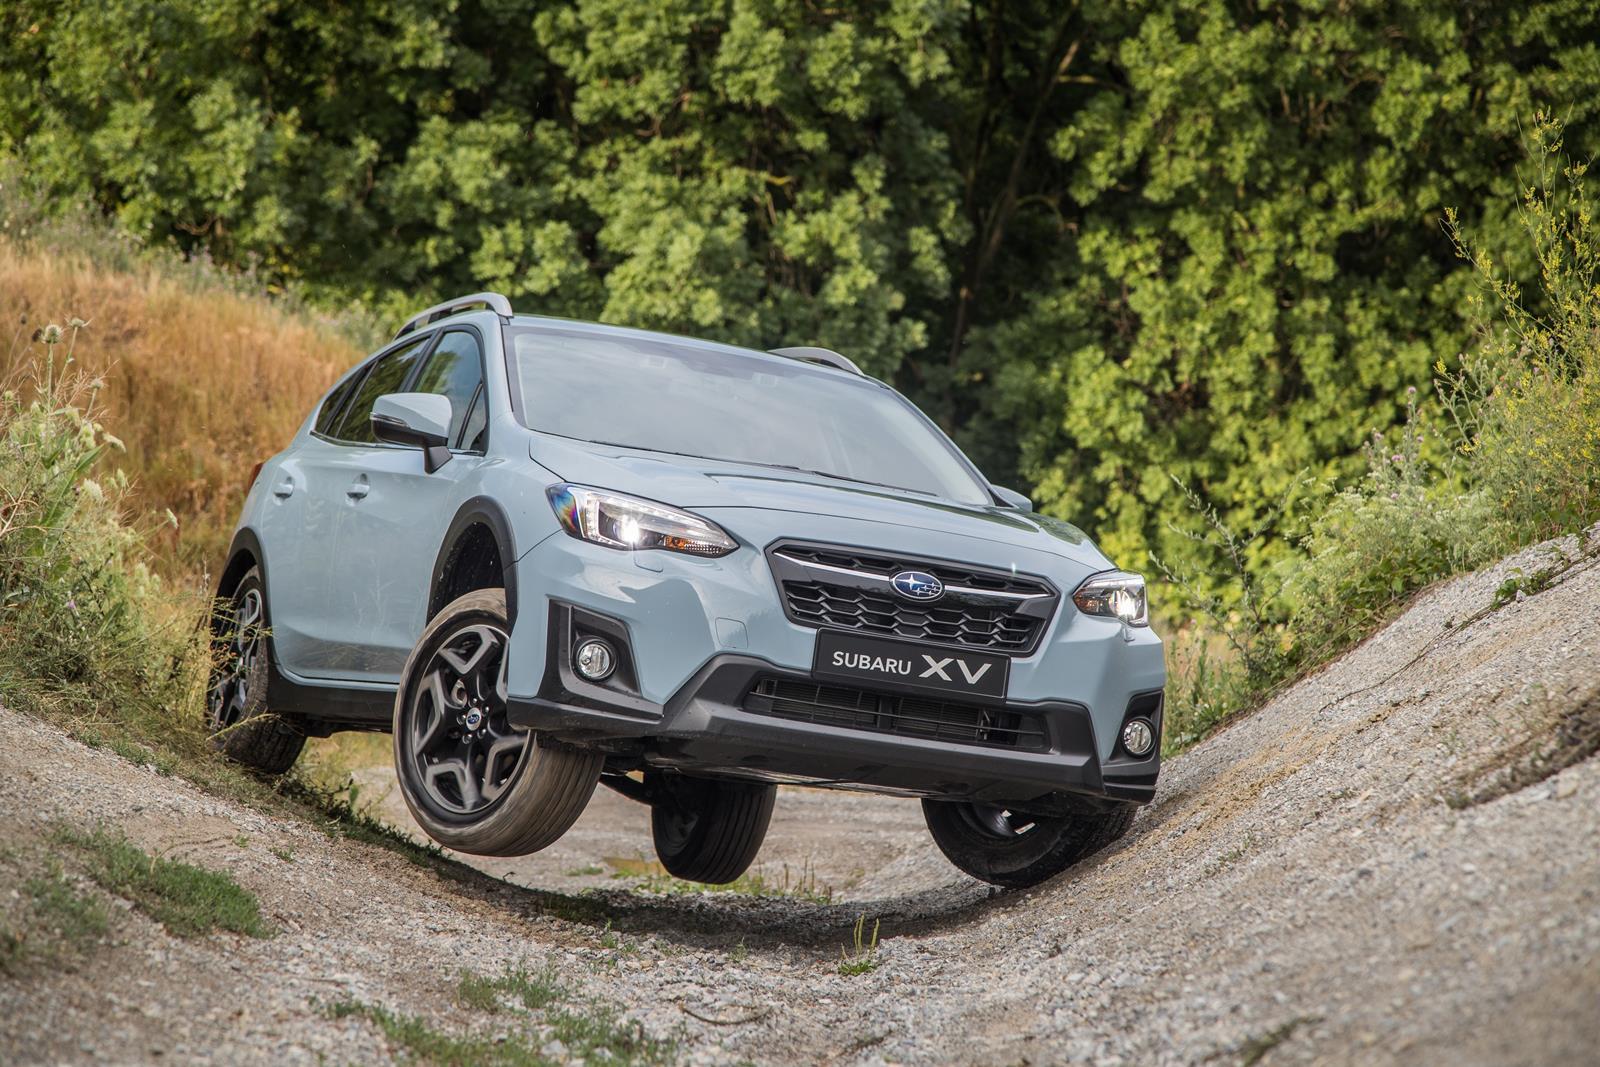 Subaru-XV-2018-1049-4.jpg